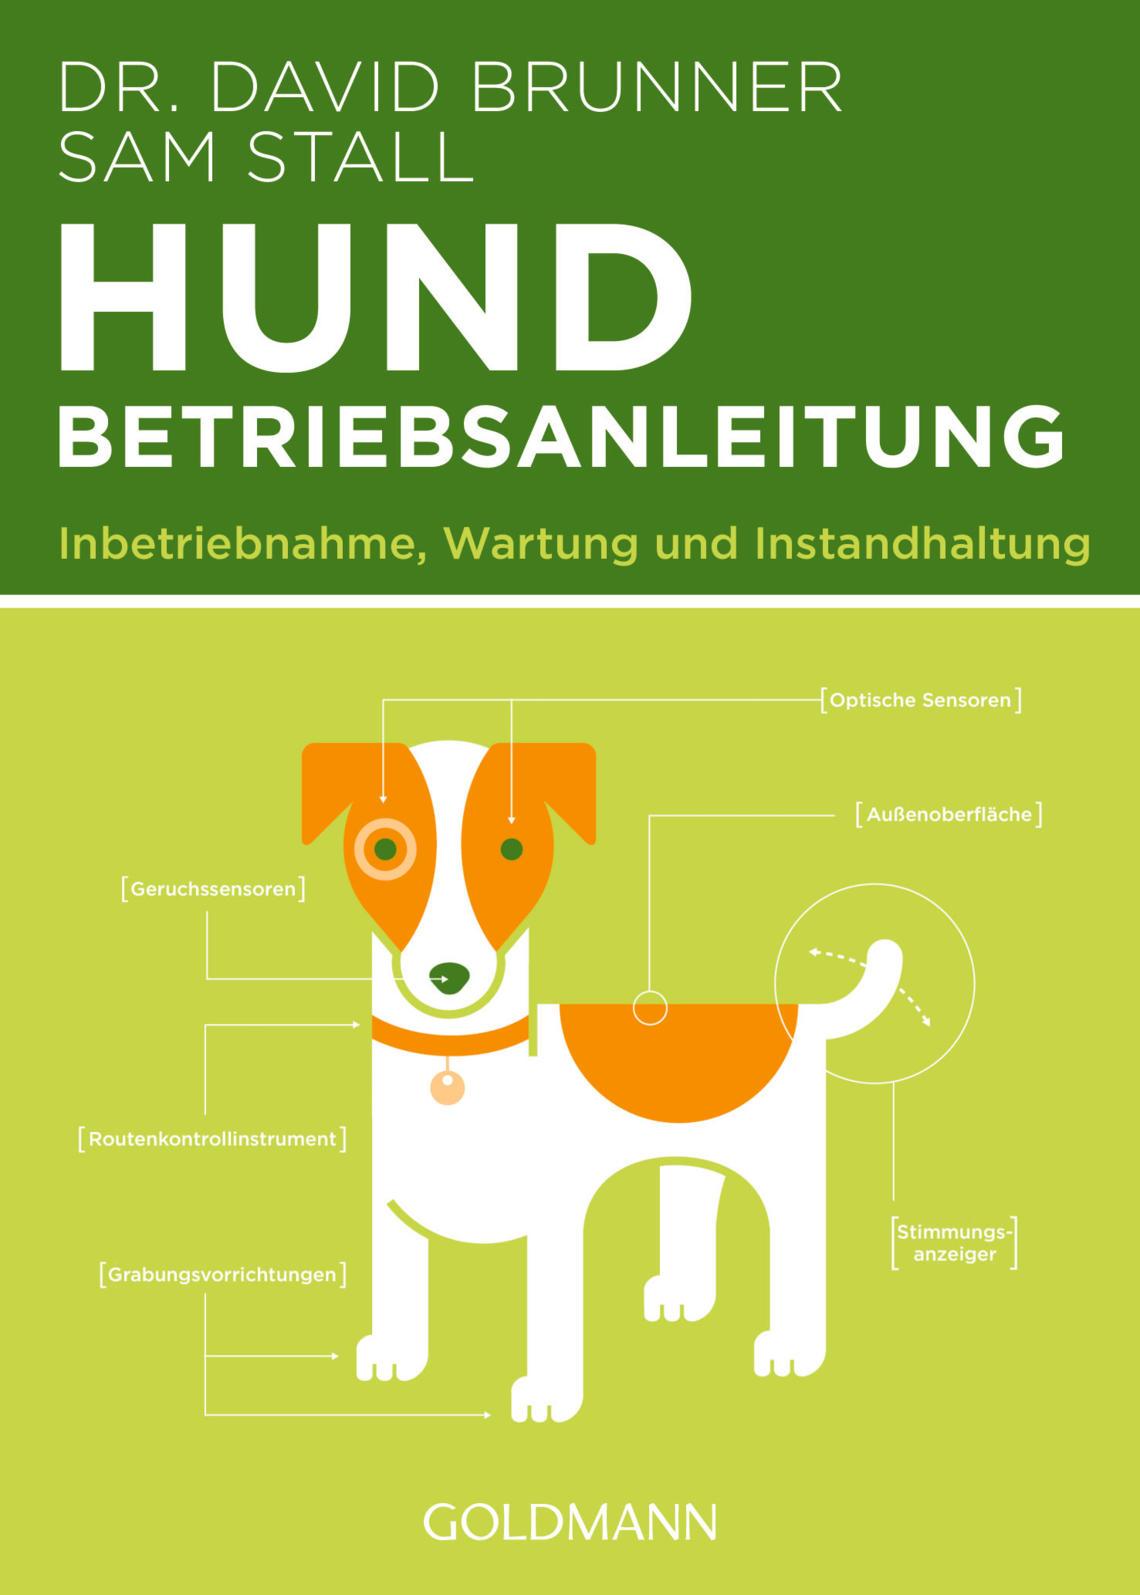 Buchtipp: Hund Betriebsanleitung von Dr. David Brunner & Sam Stall